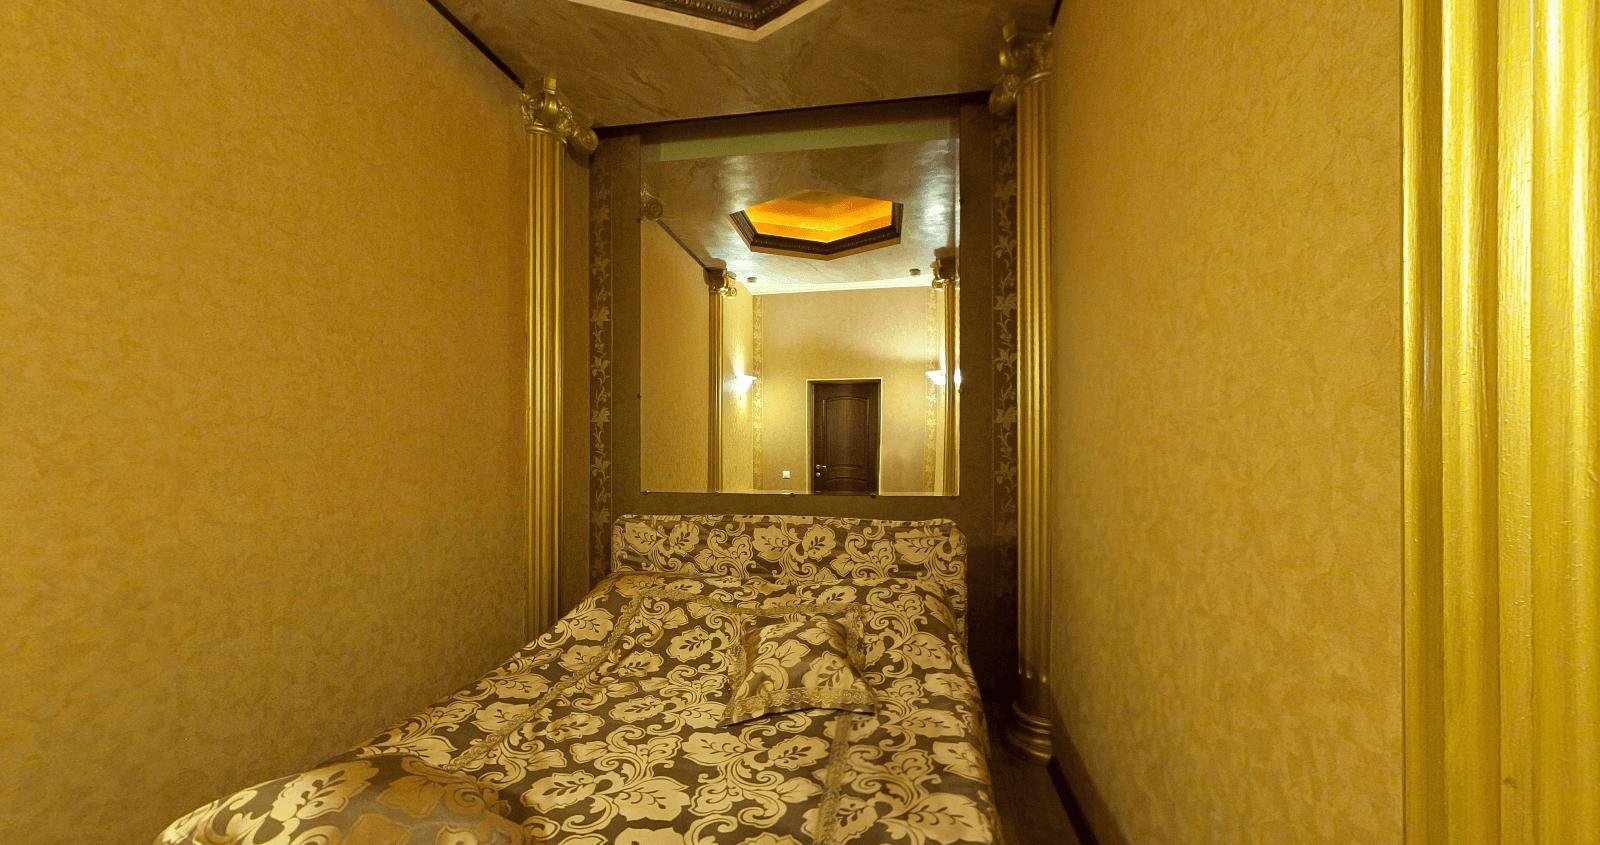 Баня 5 на Онежской комната отдыха 1